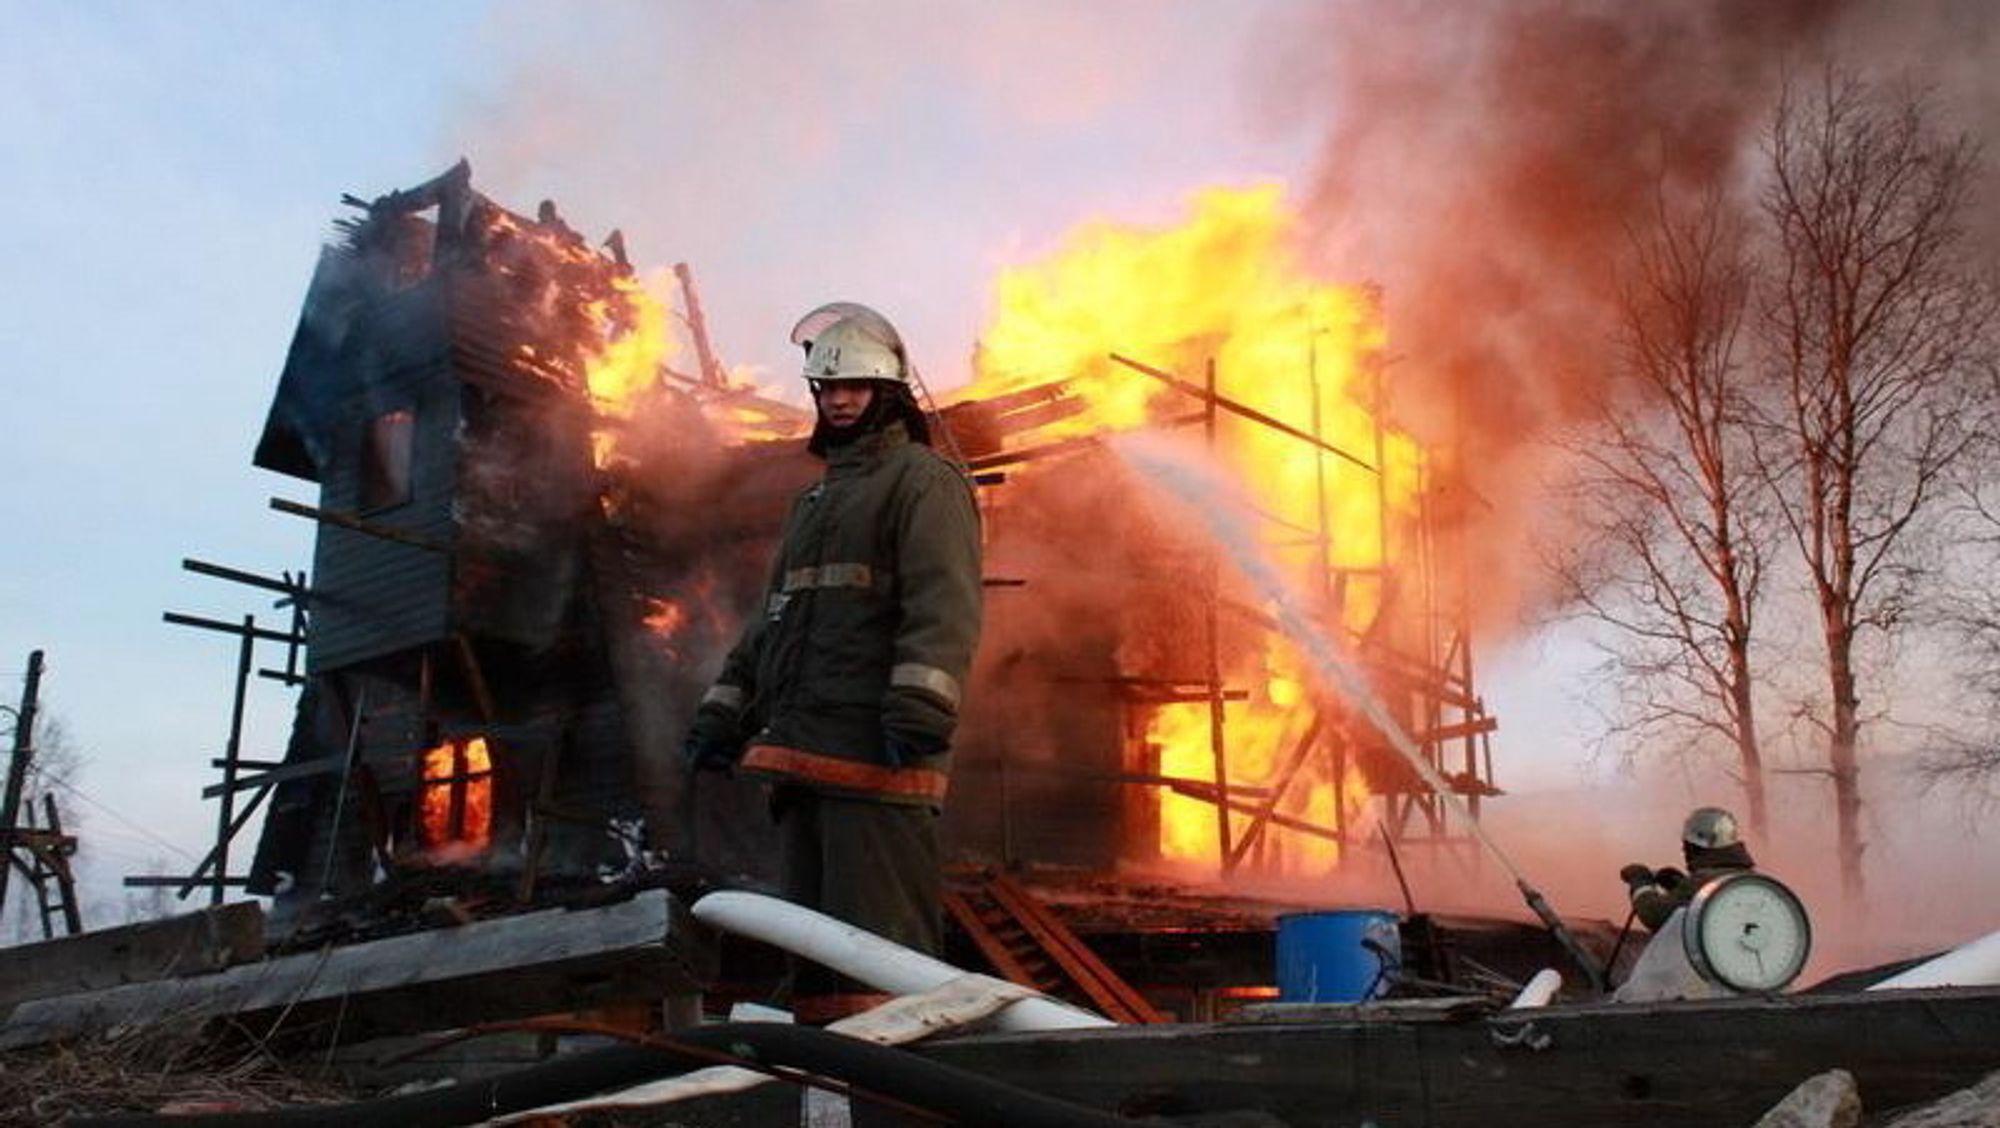 Hvordan kan vi enda bedre forebygge brann i høye trehus?